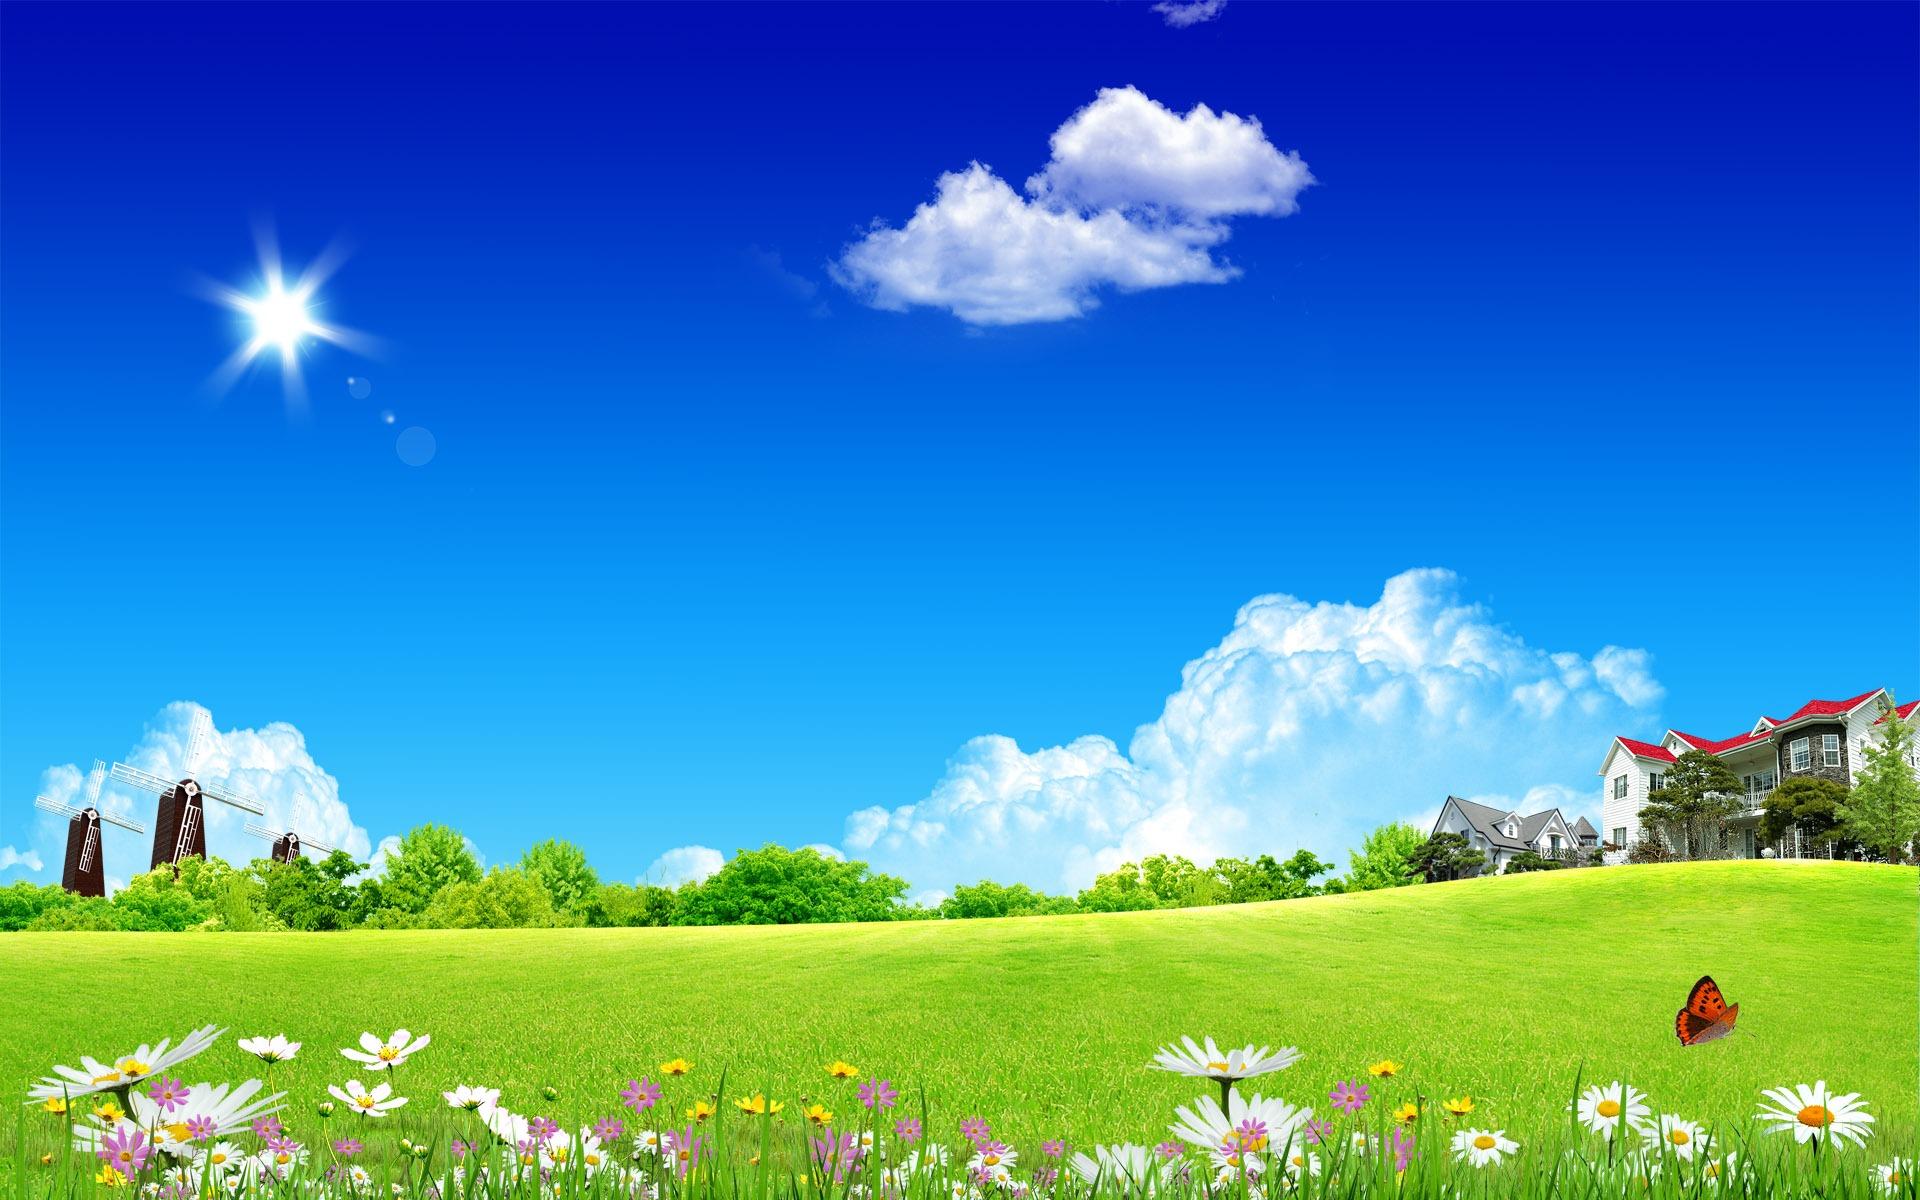 Photoshop fondos de escritorio de paisaje soleado de verano 2 3 1920x1200 fondos de - Fondos de escritorio verano ...